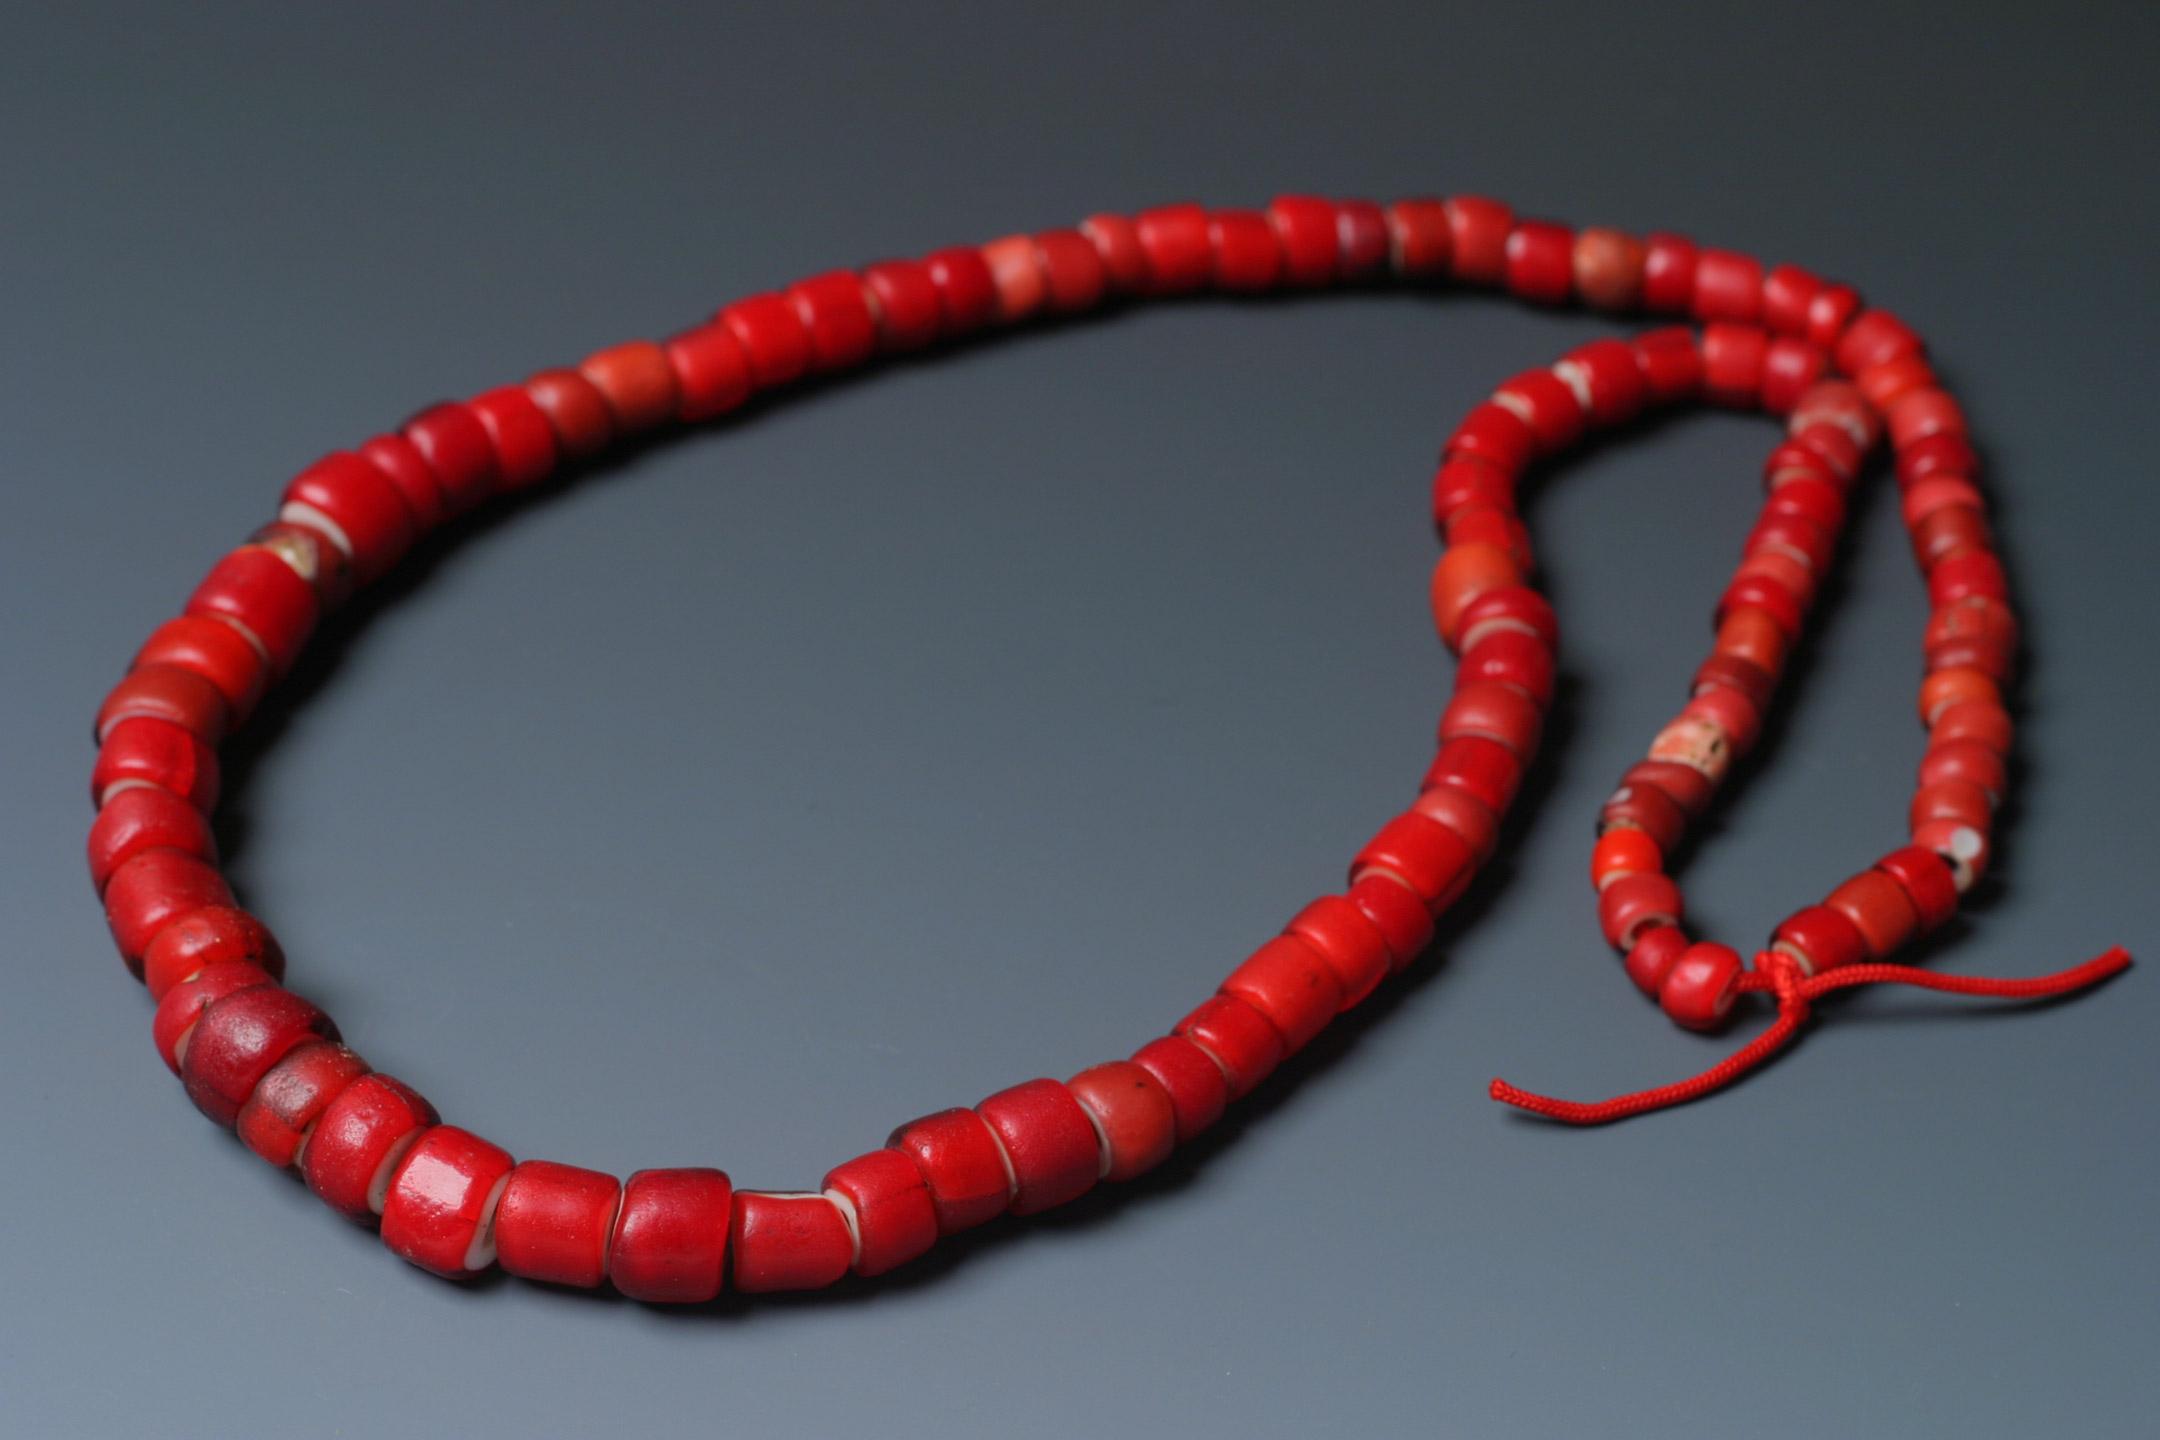 ナーガ族の装飾品に用いられたアンティークビーズのホワイトハート